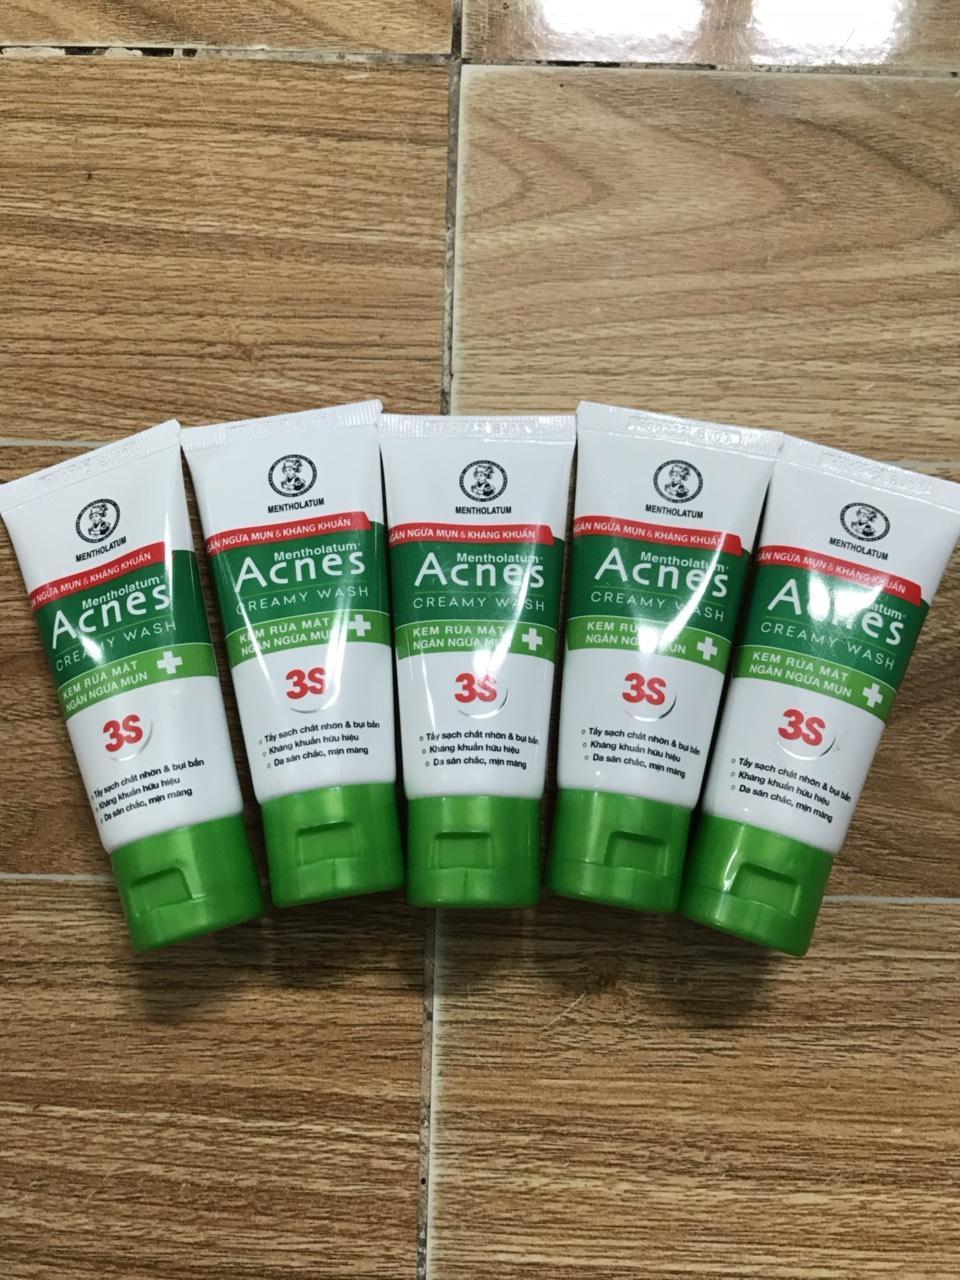 Combo 5 tuýp kem rửa mặt Acnes ngăn ngừa mụn 25g tặng túi đựng mỹ phẩm ngẫu nhiên chính hãng